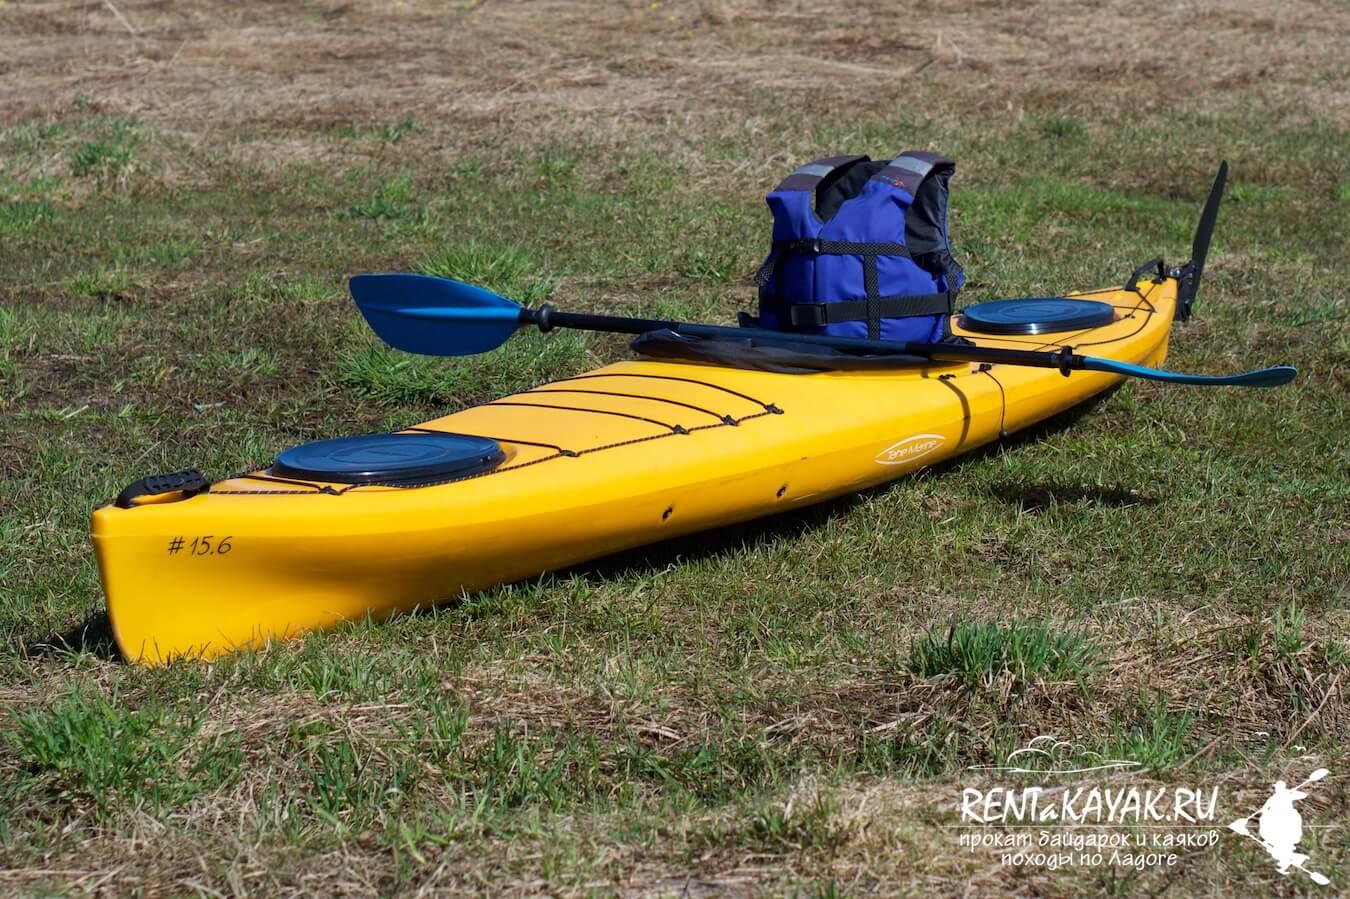 Rentakayak Tahe Marine LS 420 Yellow 2